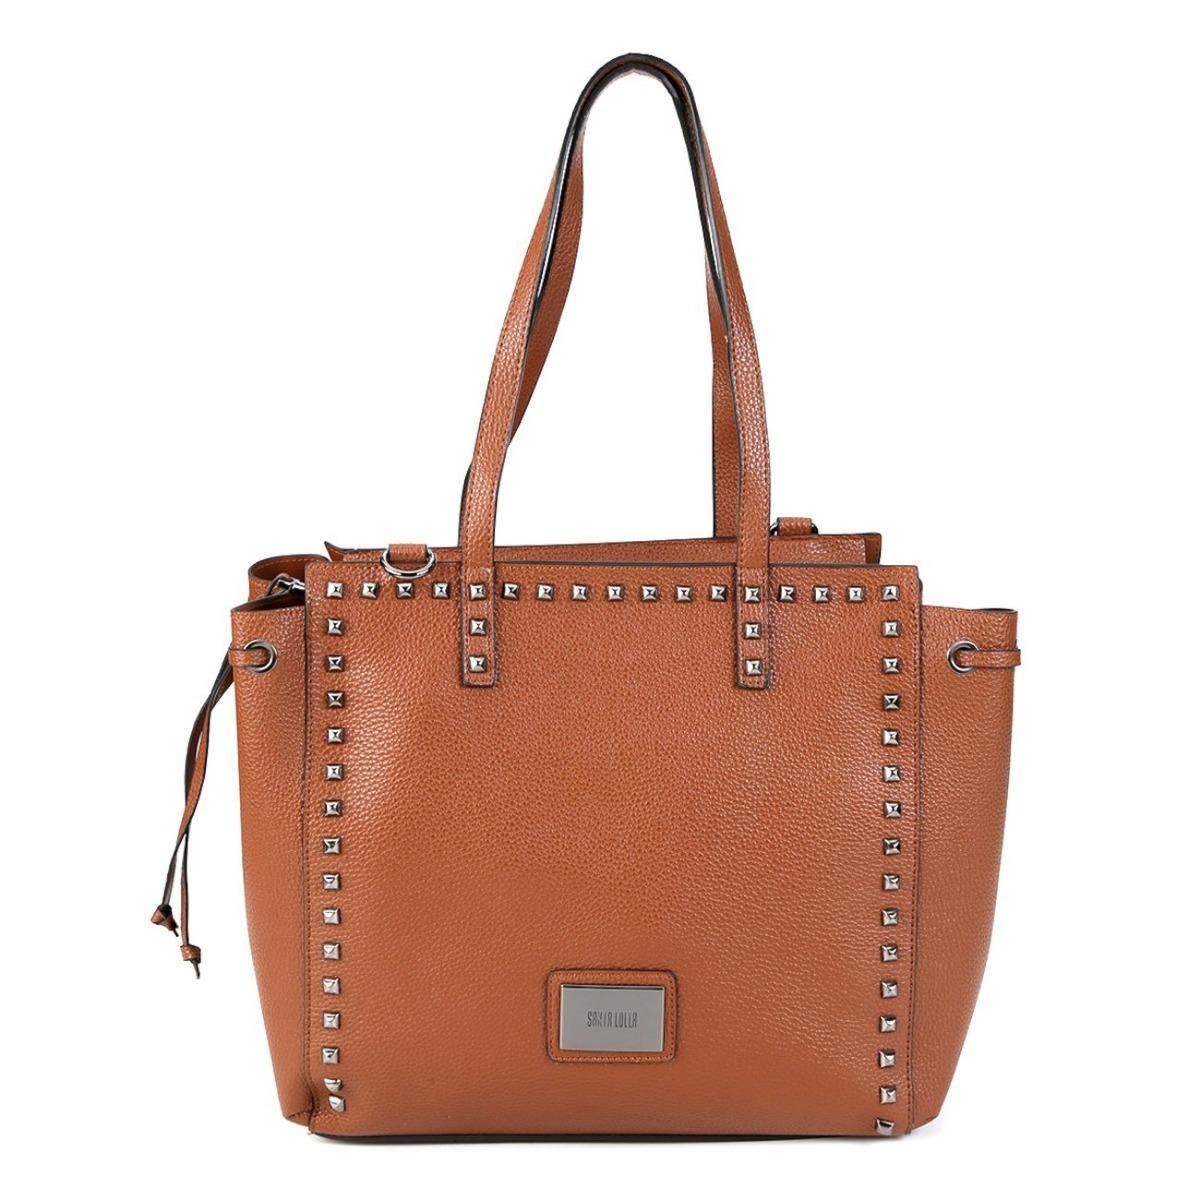 0bf471282 Bolsa Shopper Saco Santa Lolla Em Várias Cores - 158a - R$ 199,90 em ...